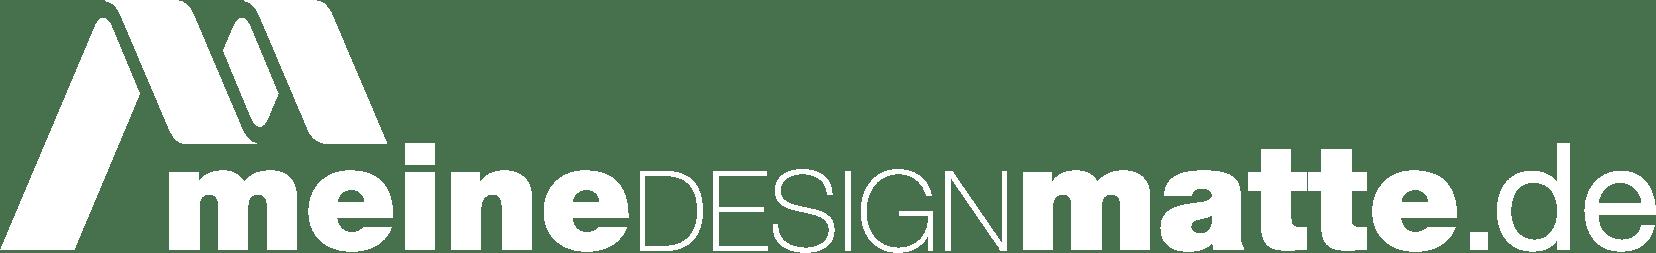 meinedesignmatte-logo